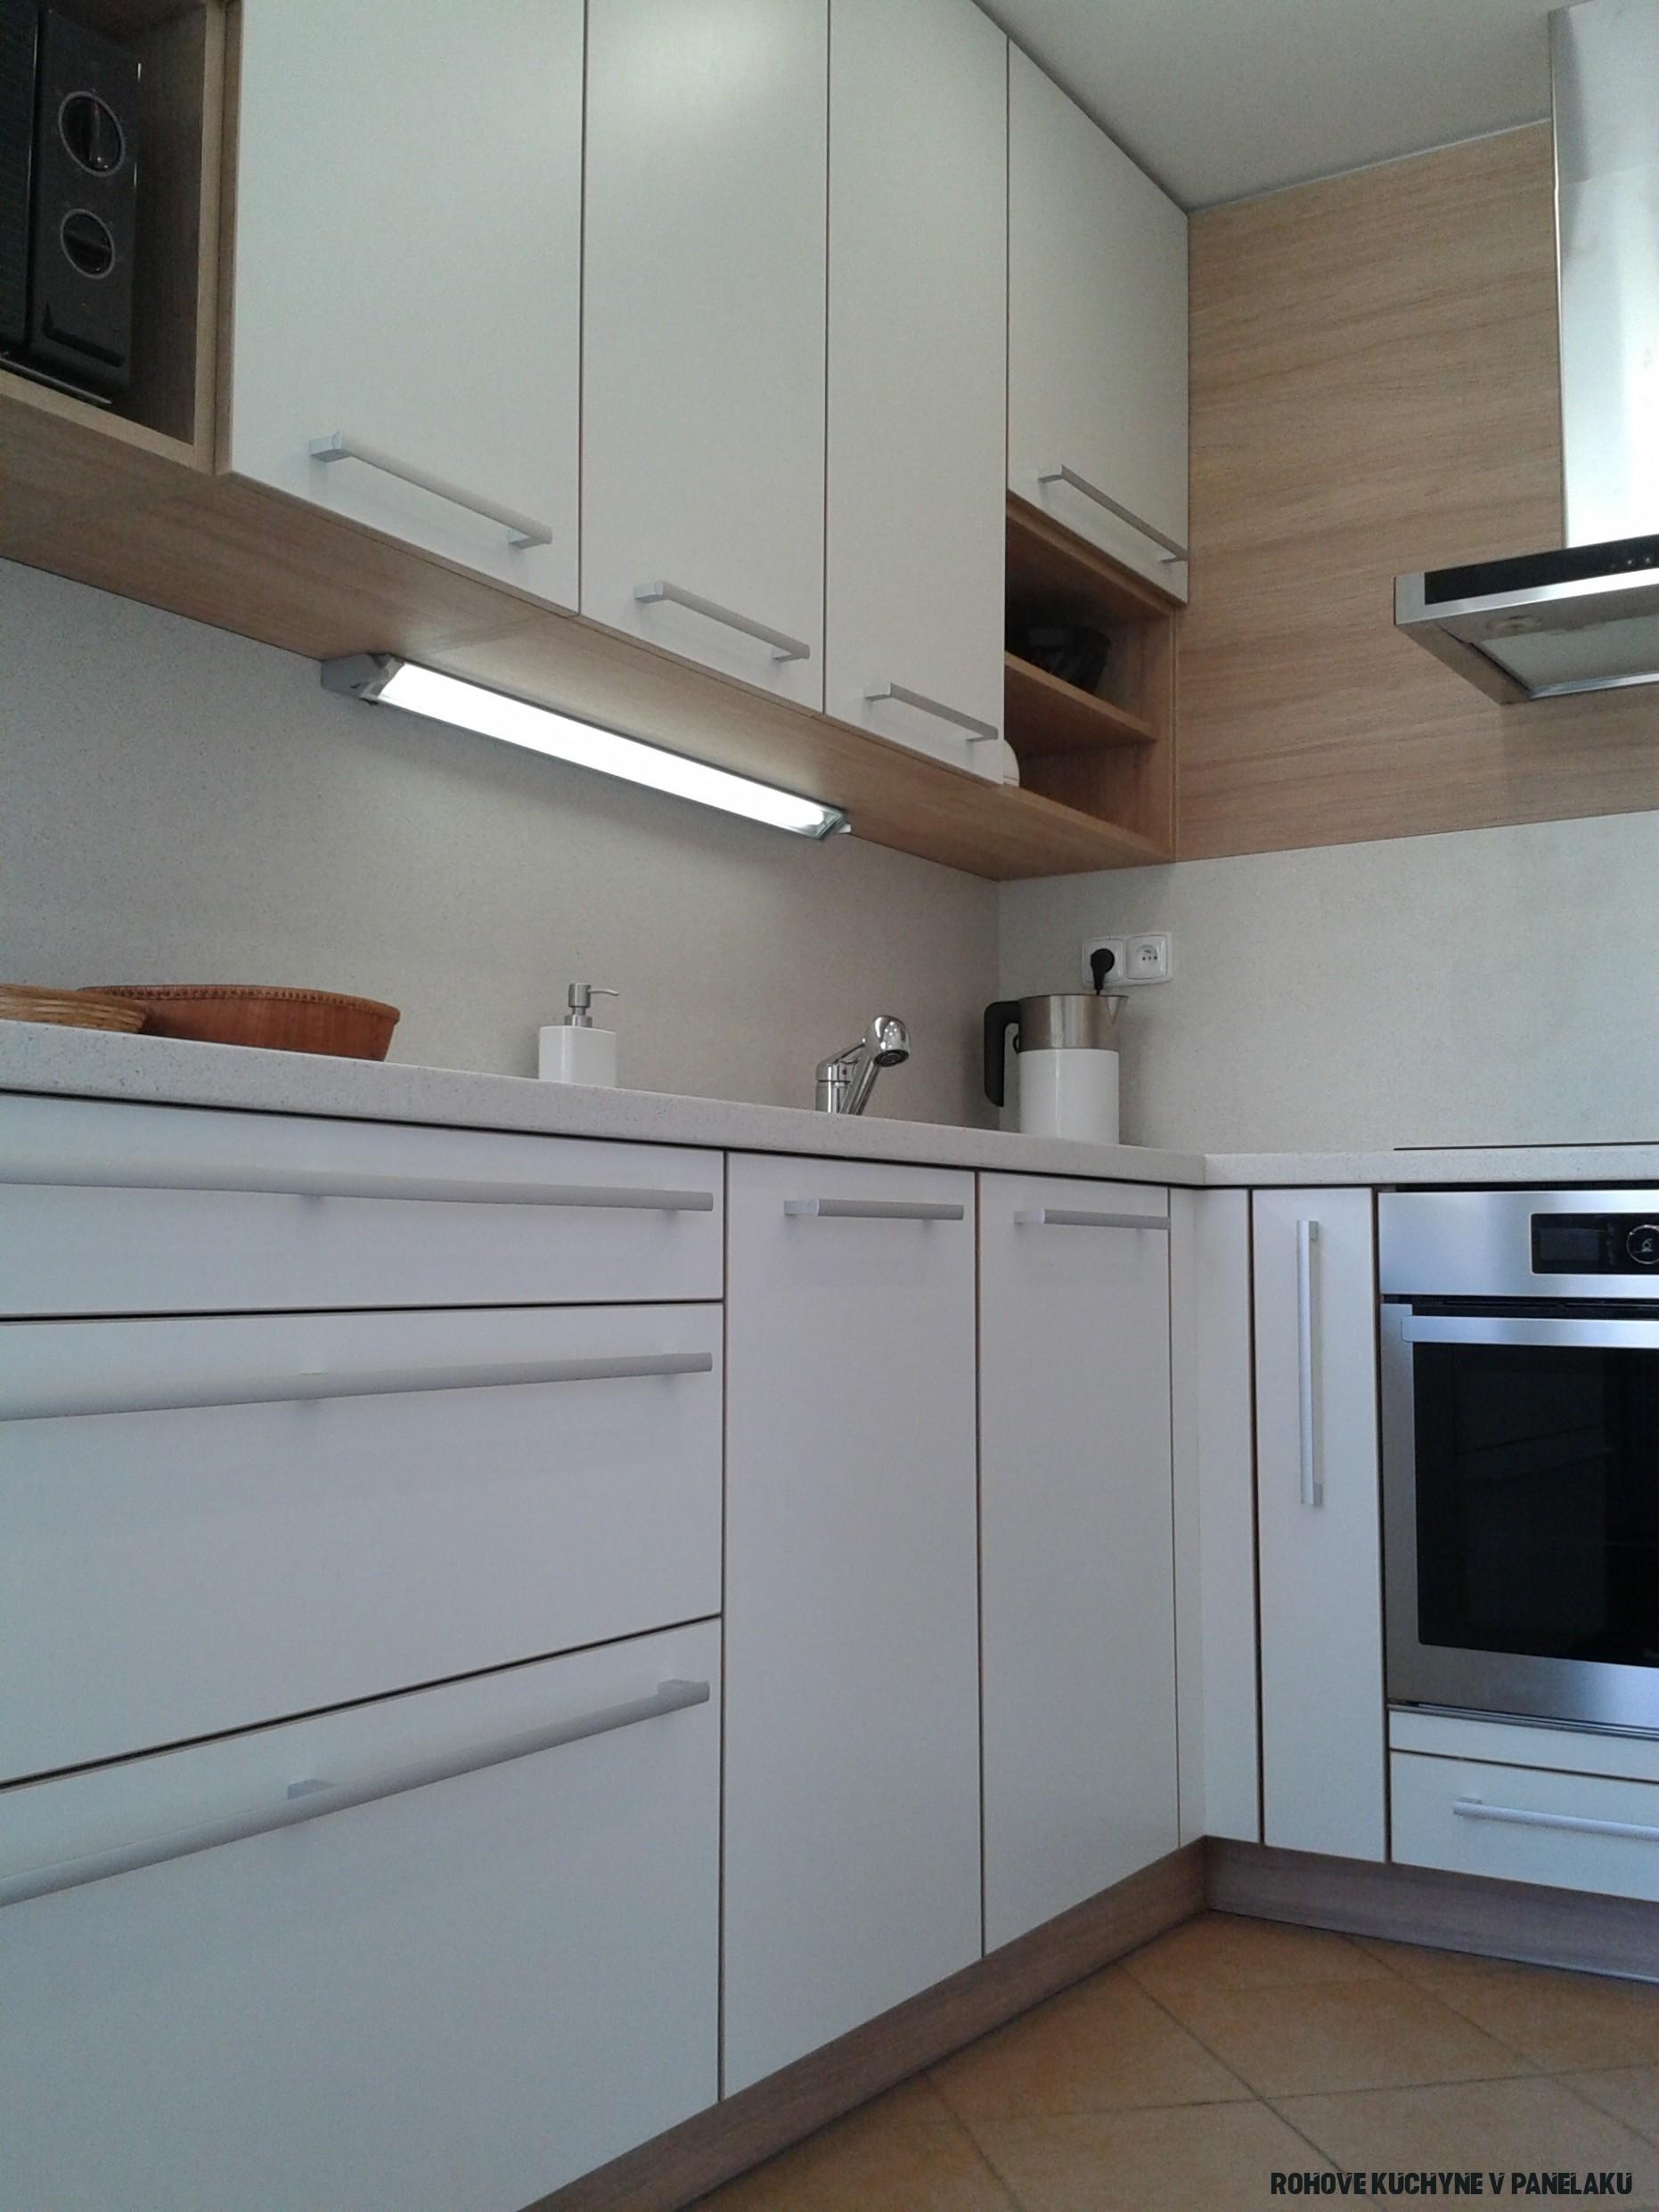 Realizace rohové panelákové kuchyně  Inspirace  Inteka Design Brno